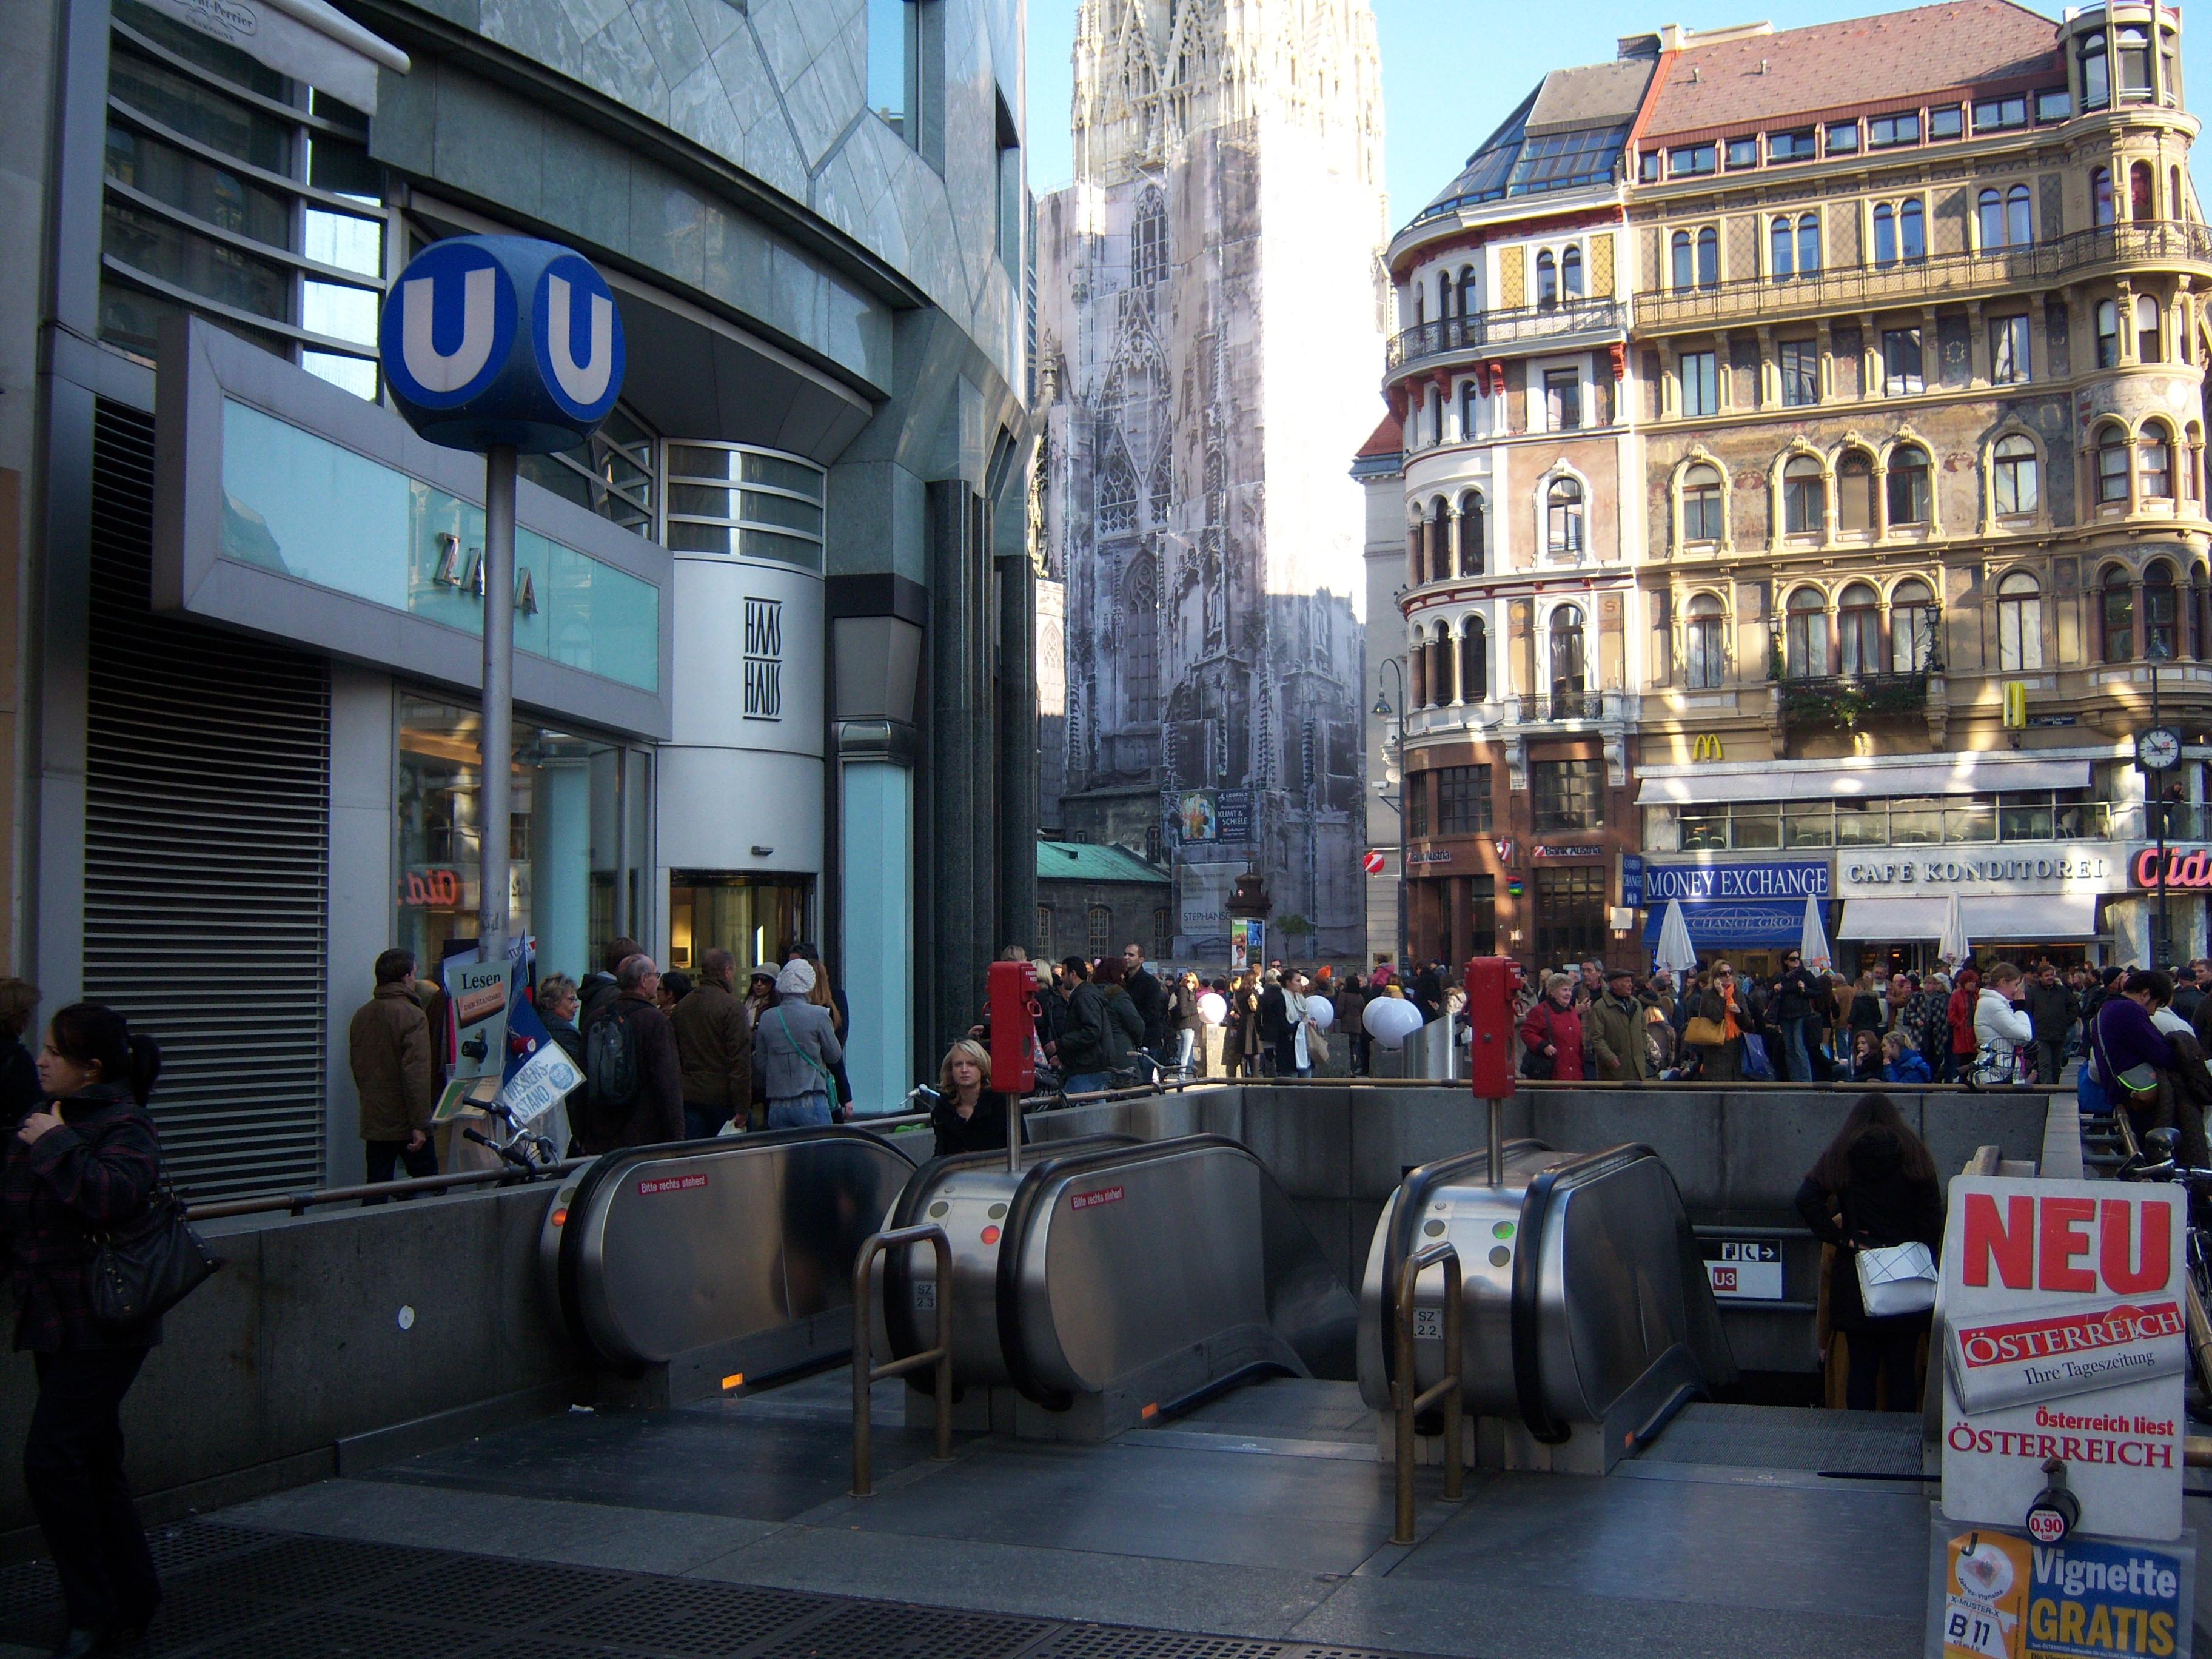 U-bahn station, Stefansplatz, Vienna--Wikimedia photo